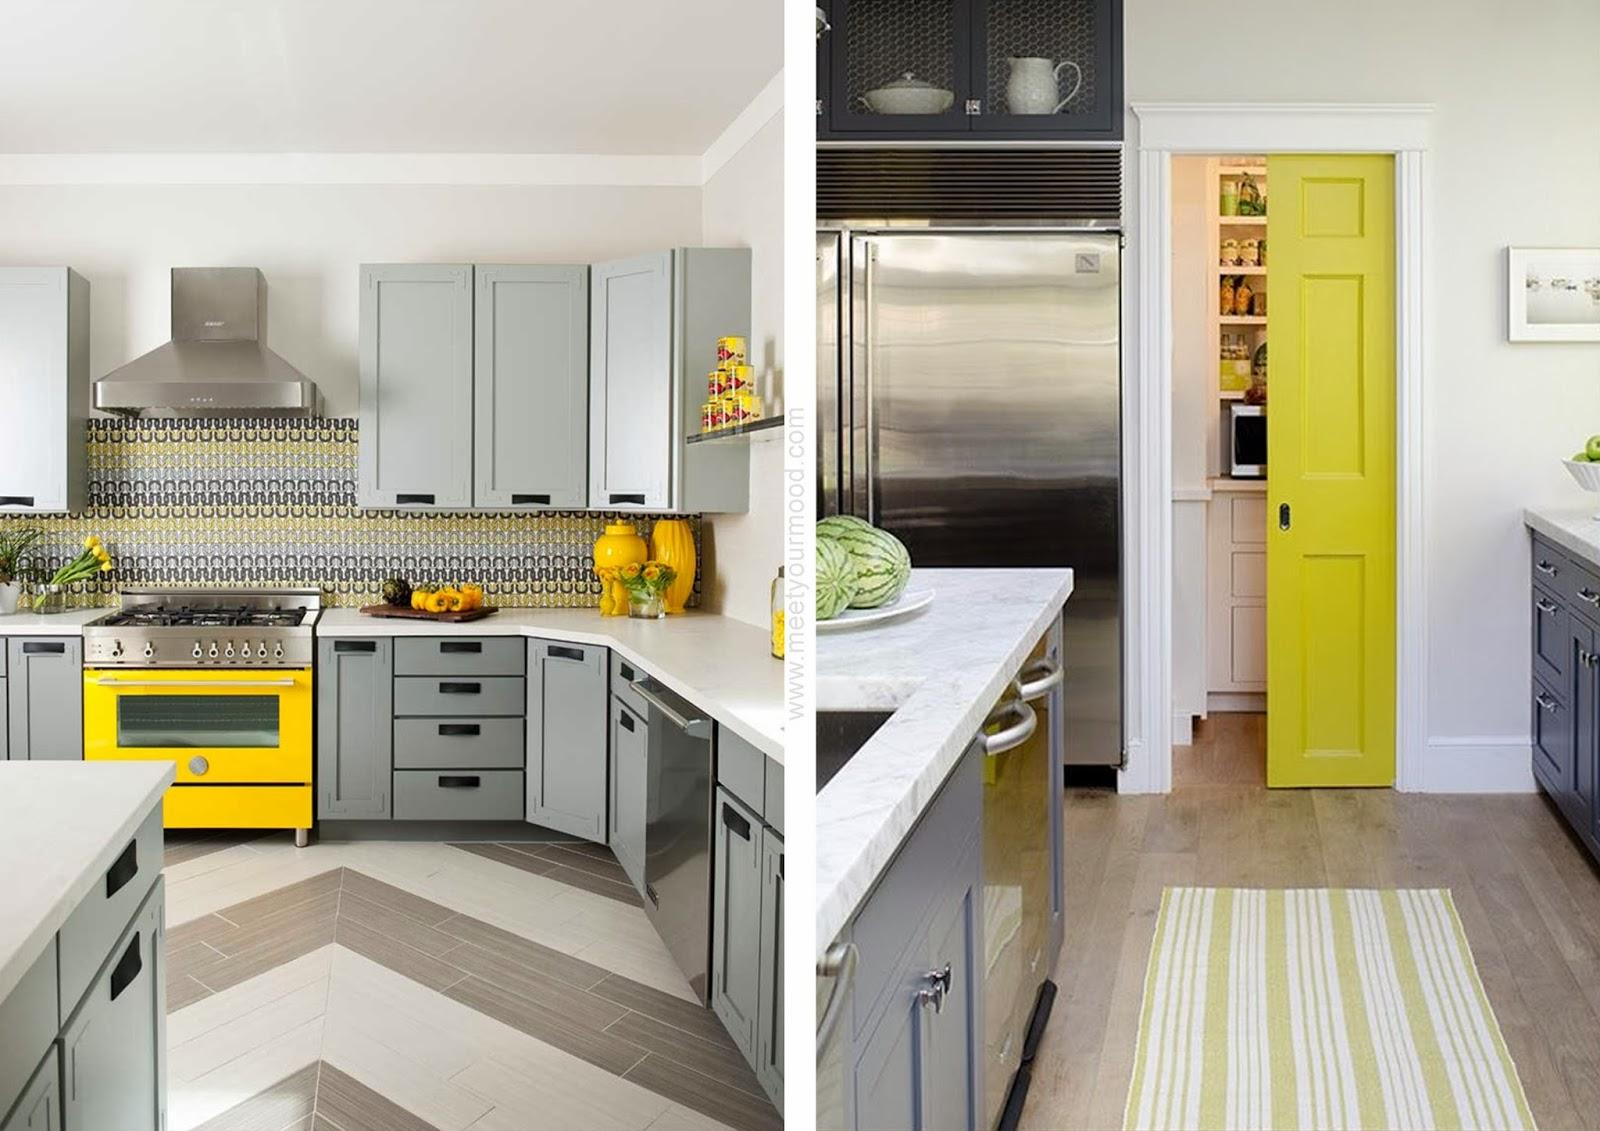 Pareti Cucina Ocra ~ Trova le Migliori idee per Mobili e Interni di Design